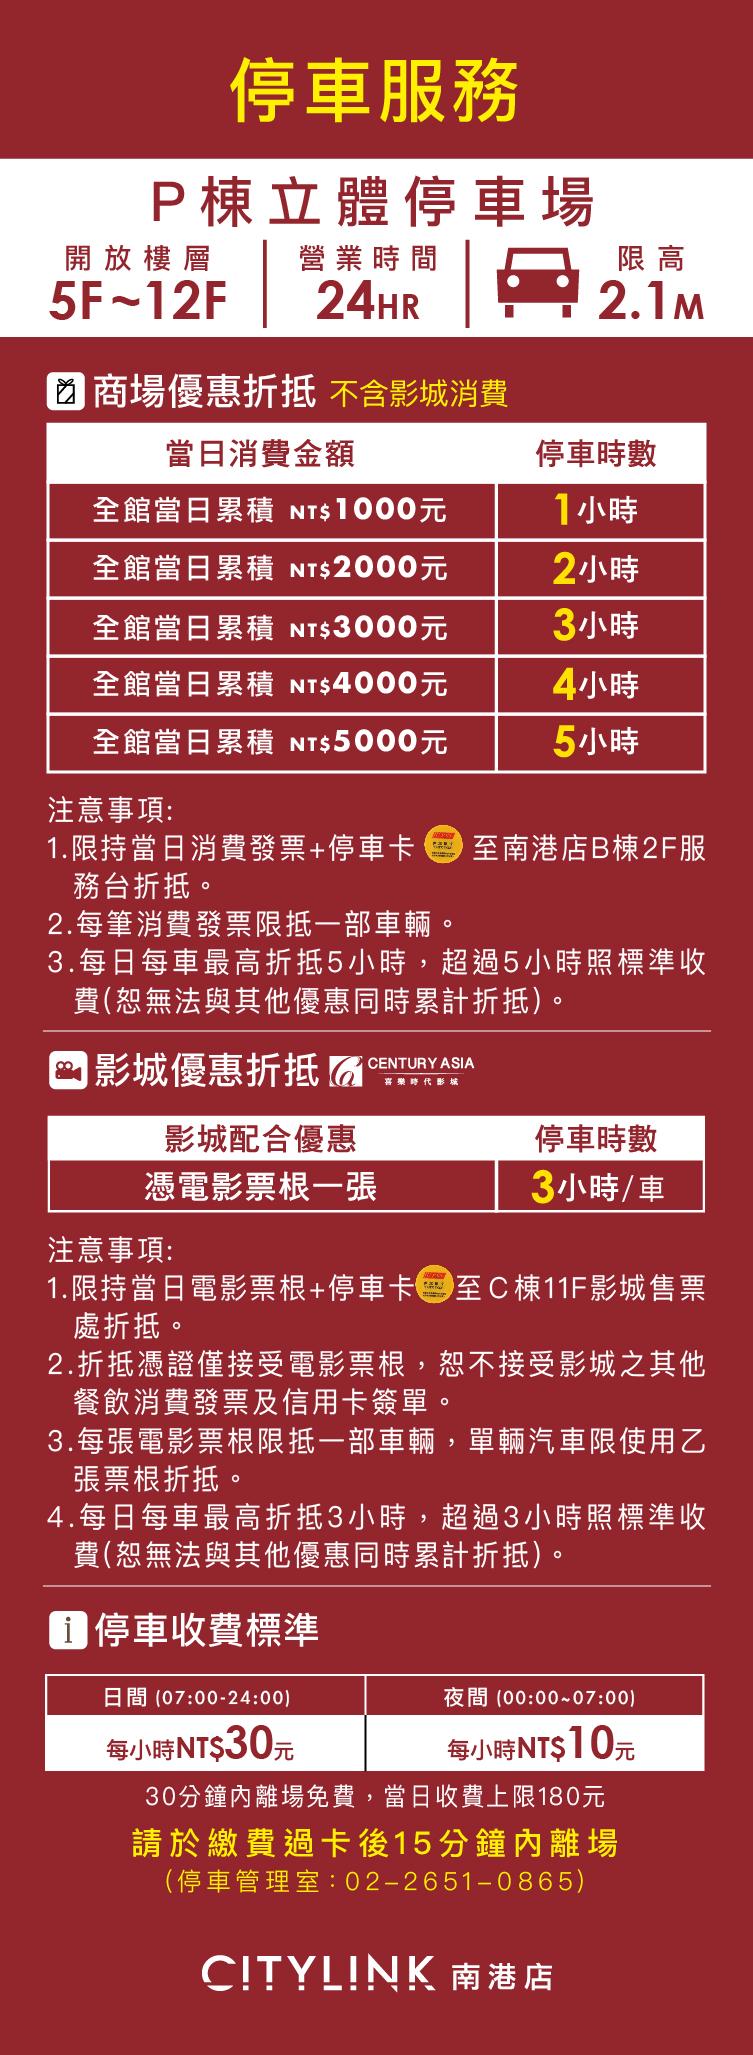 停車服務(0807)_南港